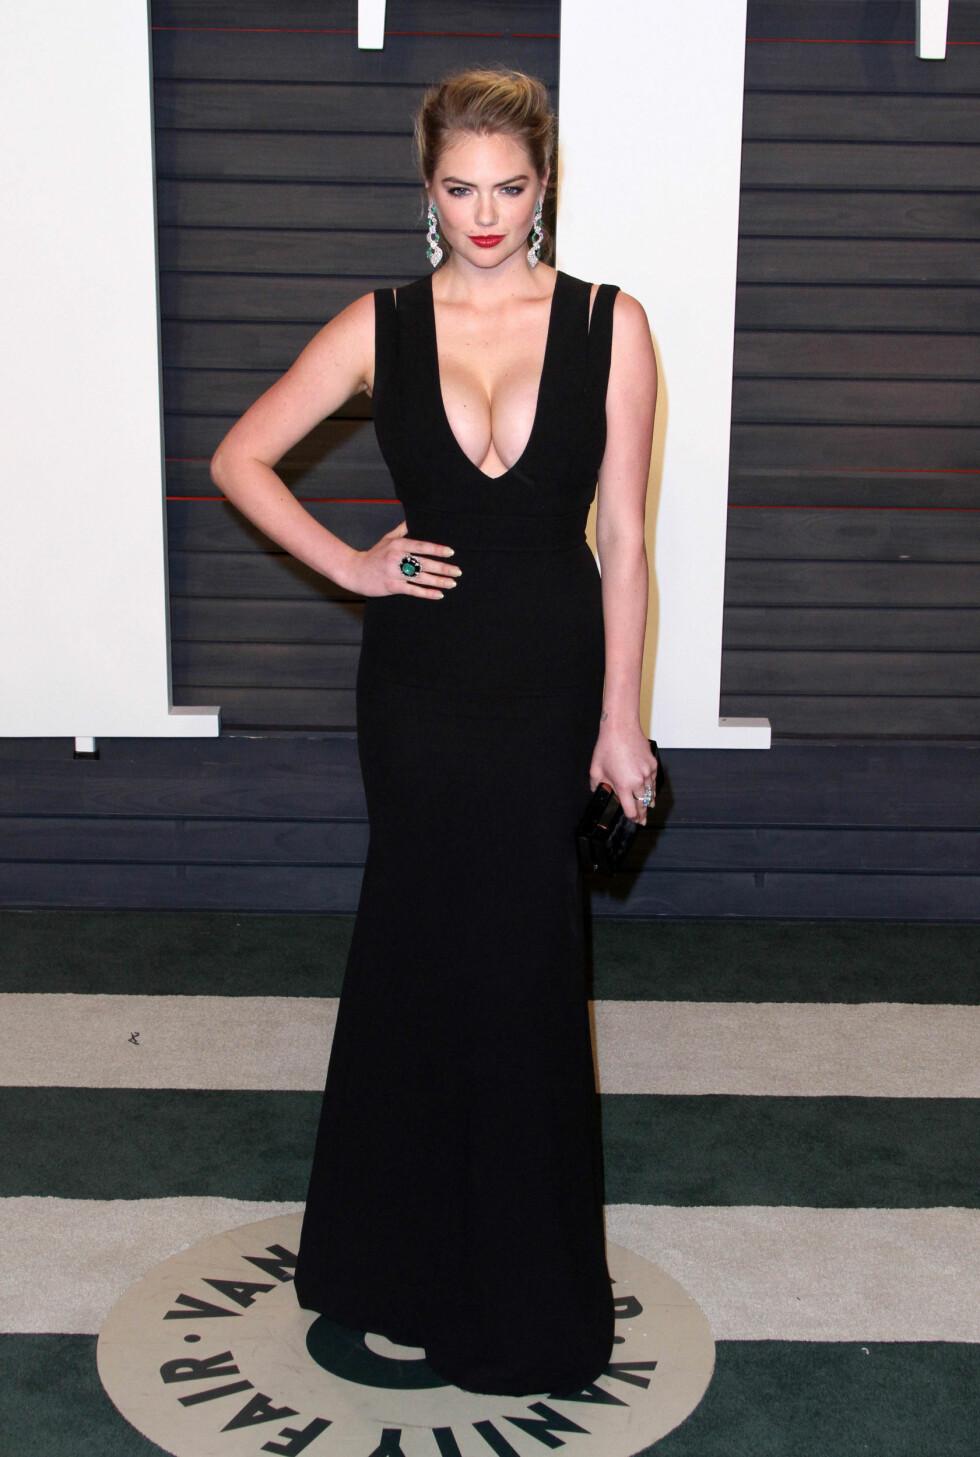 VISTE KLØFT: Kate Upton hadde kveldens dypeste utringning. Her er hun på Vanity Fair-festen natt til mandag.  Foto: wenn.com